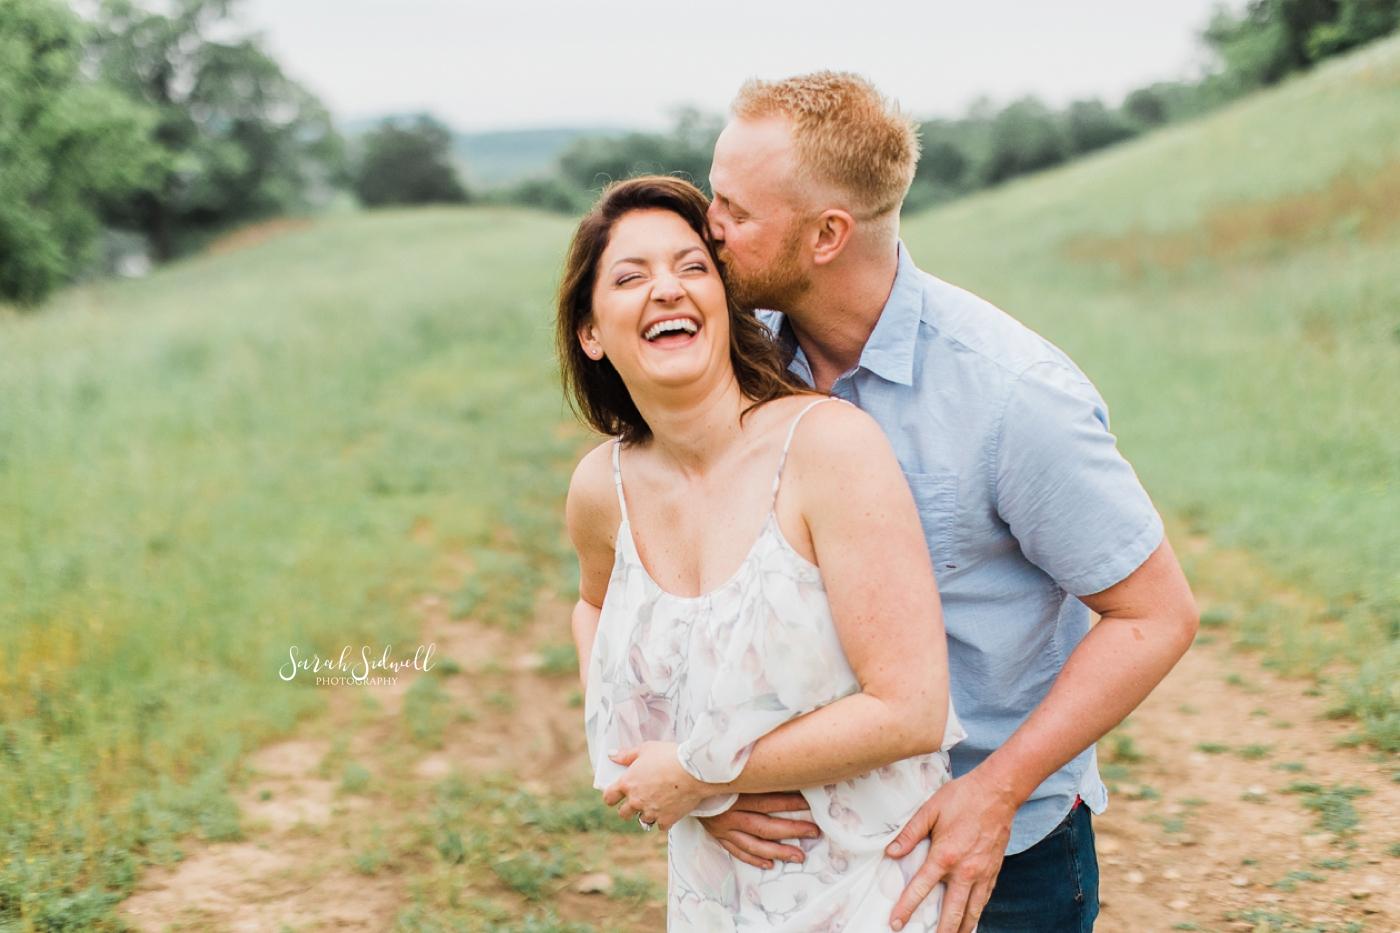 Nashville Engagement Photography | Olivia & Scott